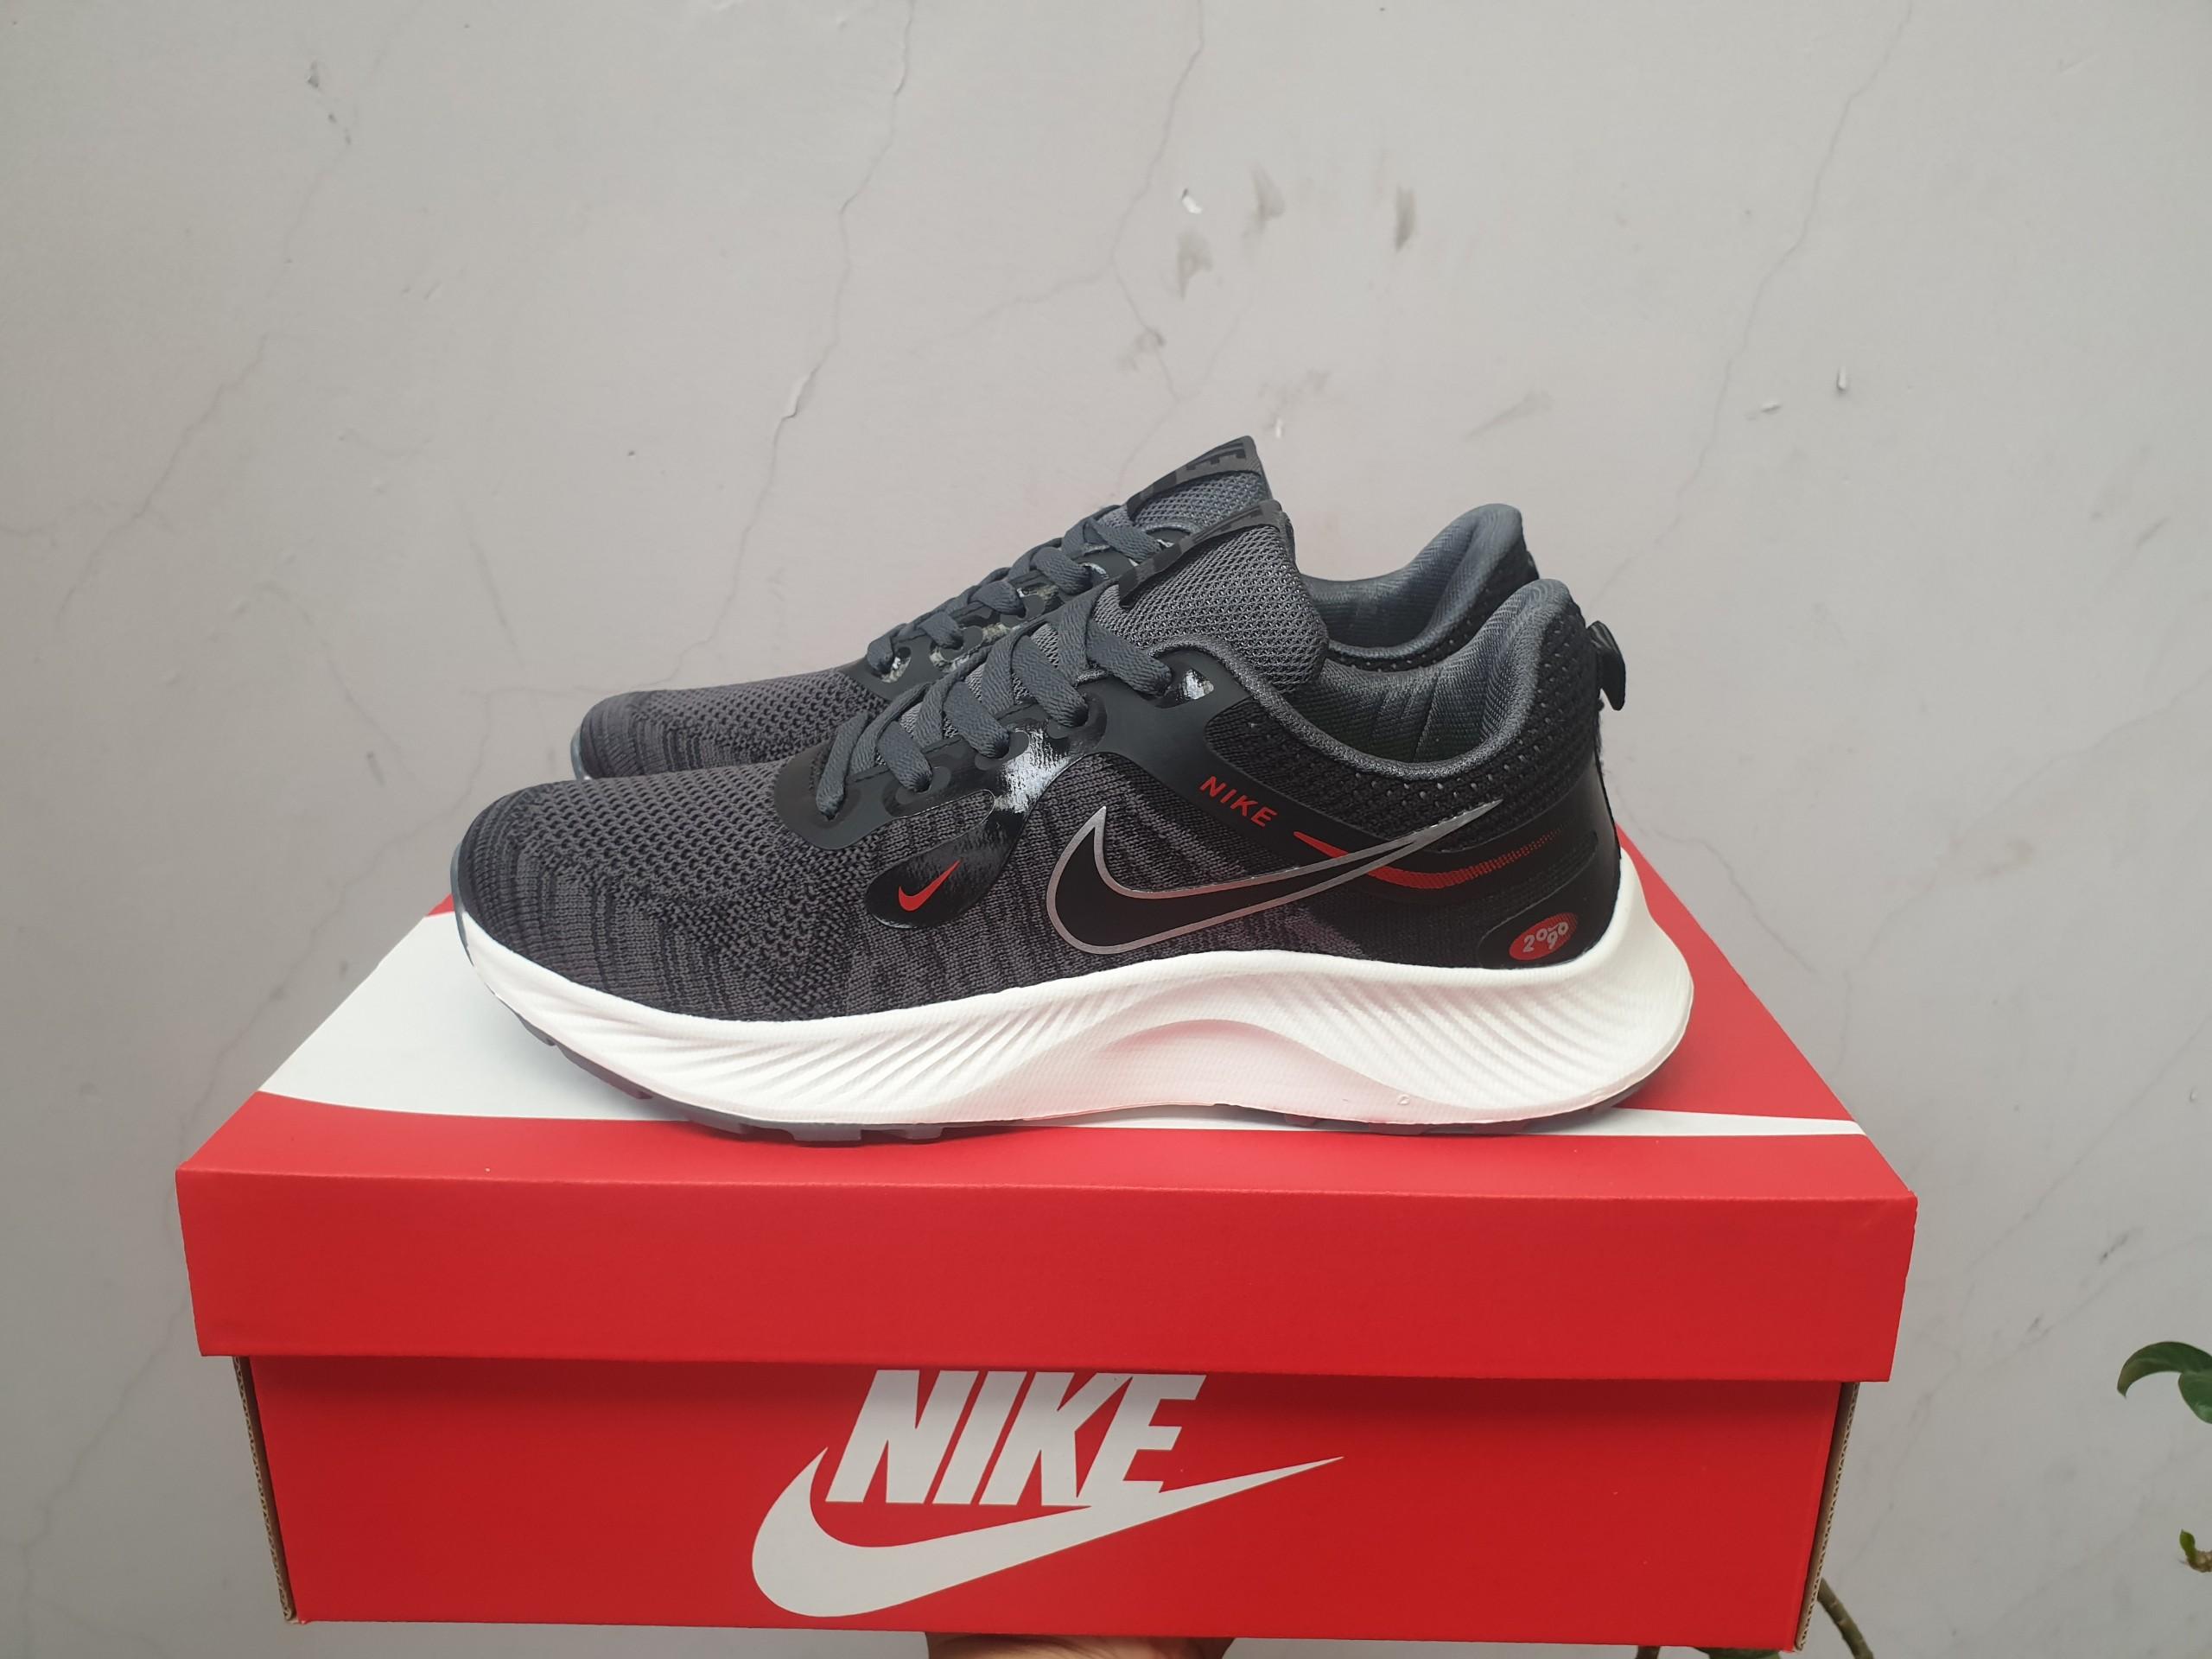 Giày Nike Zoom 03 xám đậm